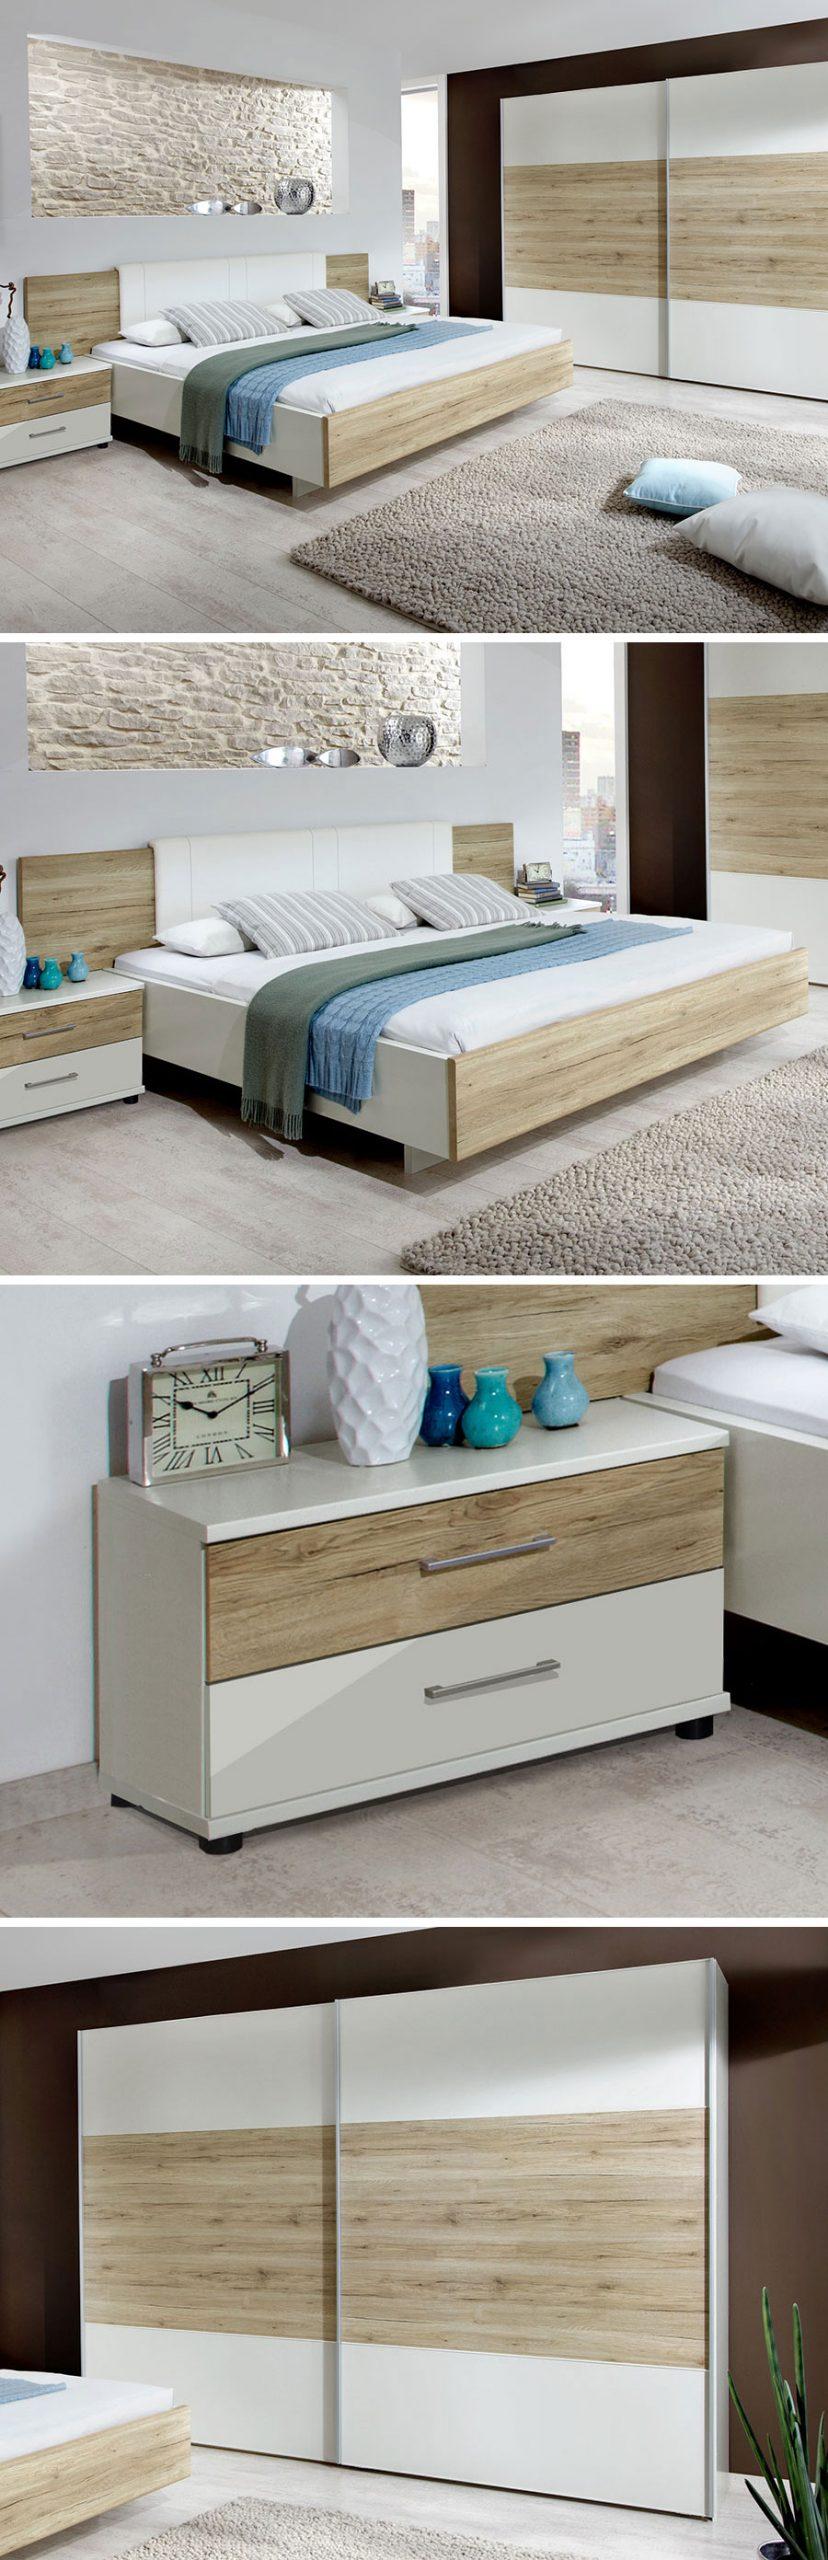 Full Size of Lippstadt Bewertung Betten Pin Von Bettende Auf Skandinavian Design Komplettes Bett Www.betten.de